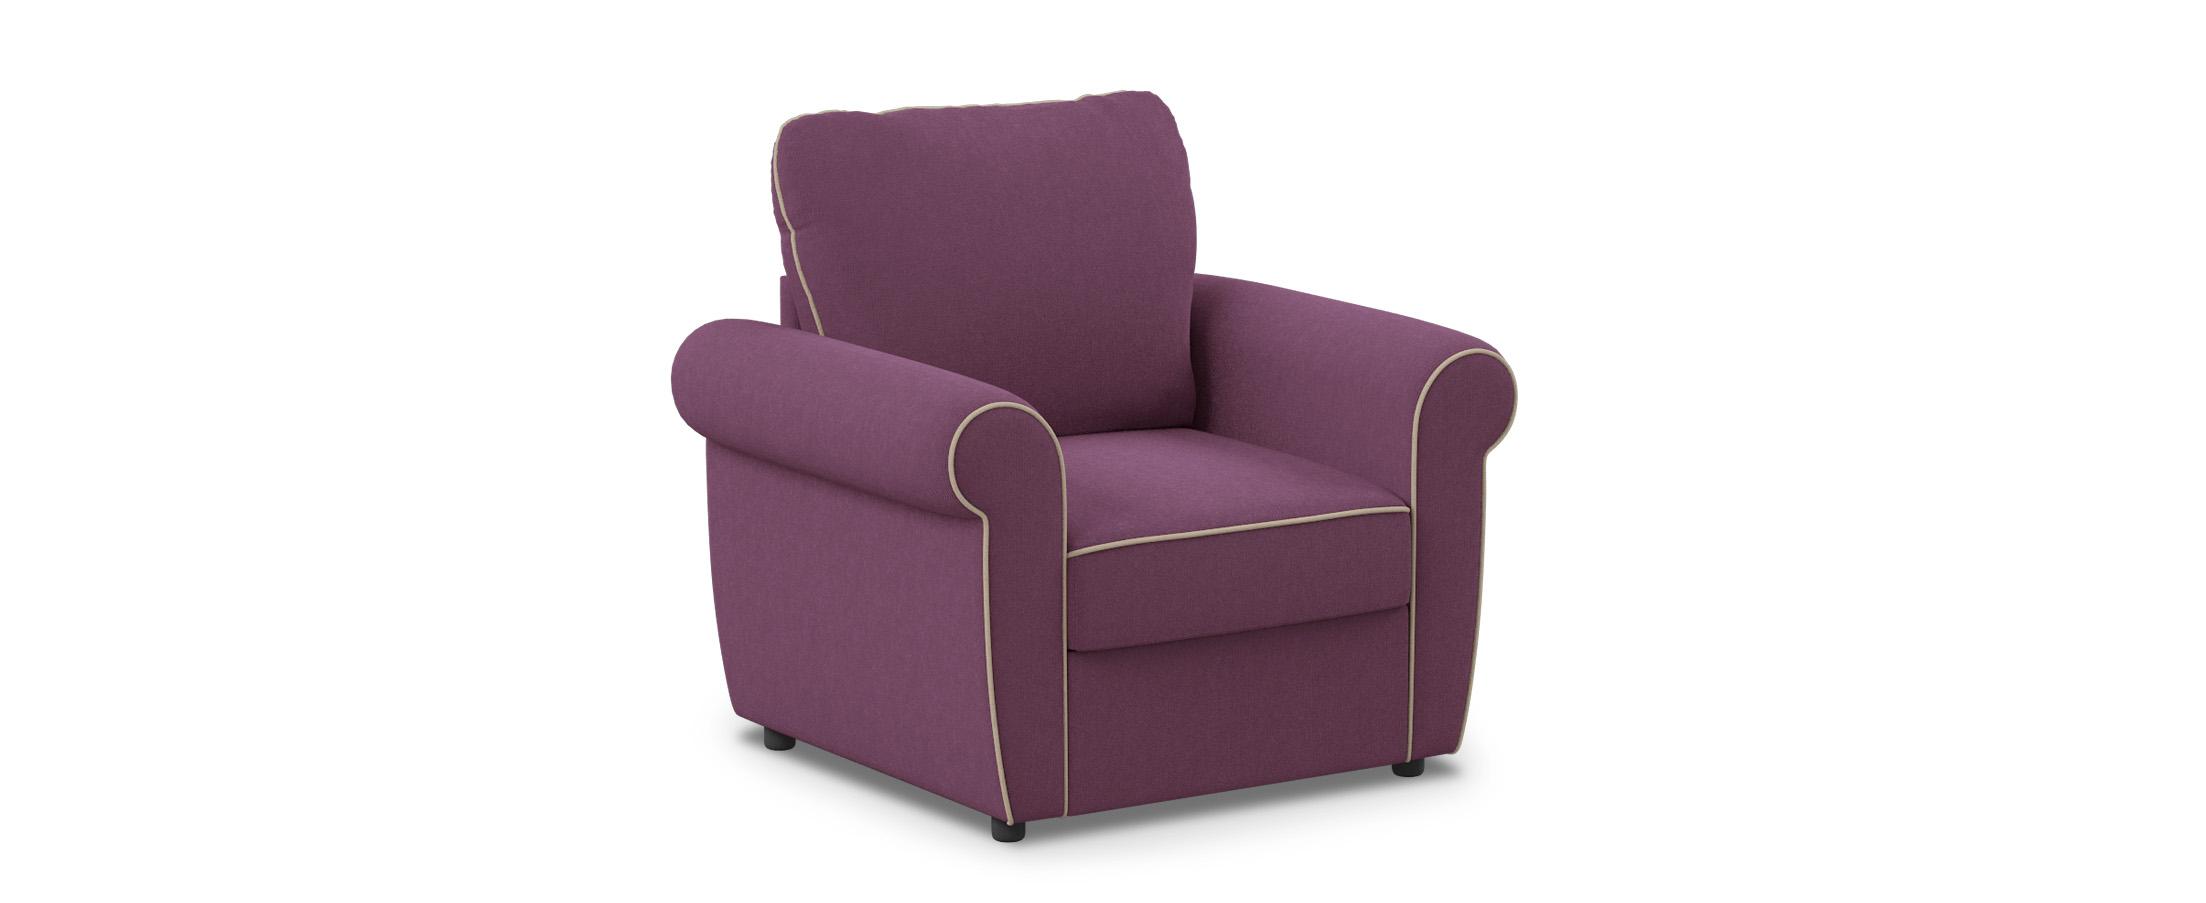 Кресло тканевое Гамбург 123Купить фиолетовое кресло Гамбург 123. Доставка от 1 дня. Подъём, сборка, вынос упаковки. Гарантия 18 месяцев. Интернет-магазин мебели MOON-TRADE.RU.